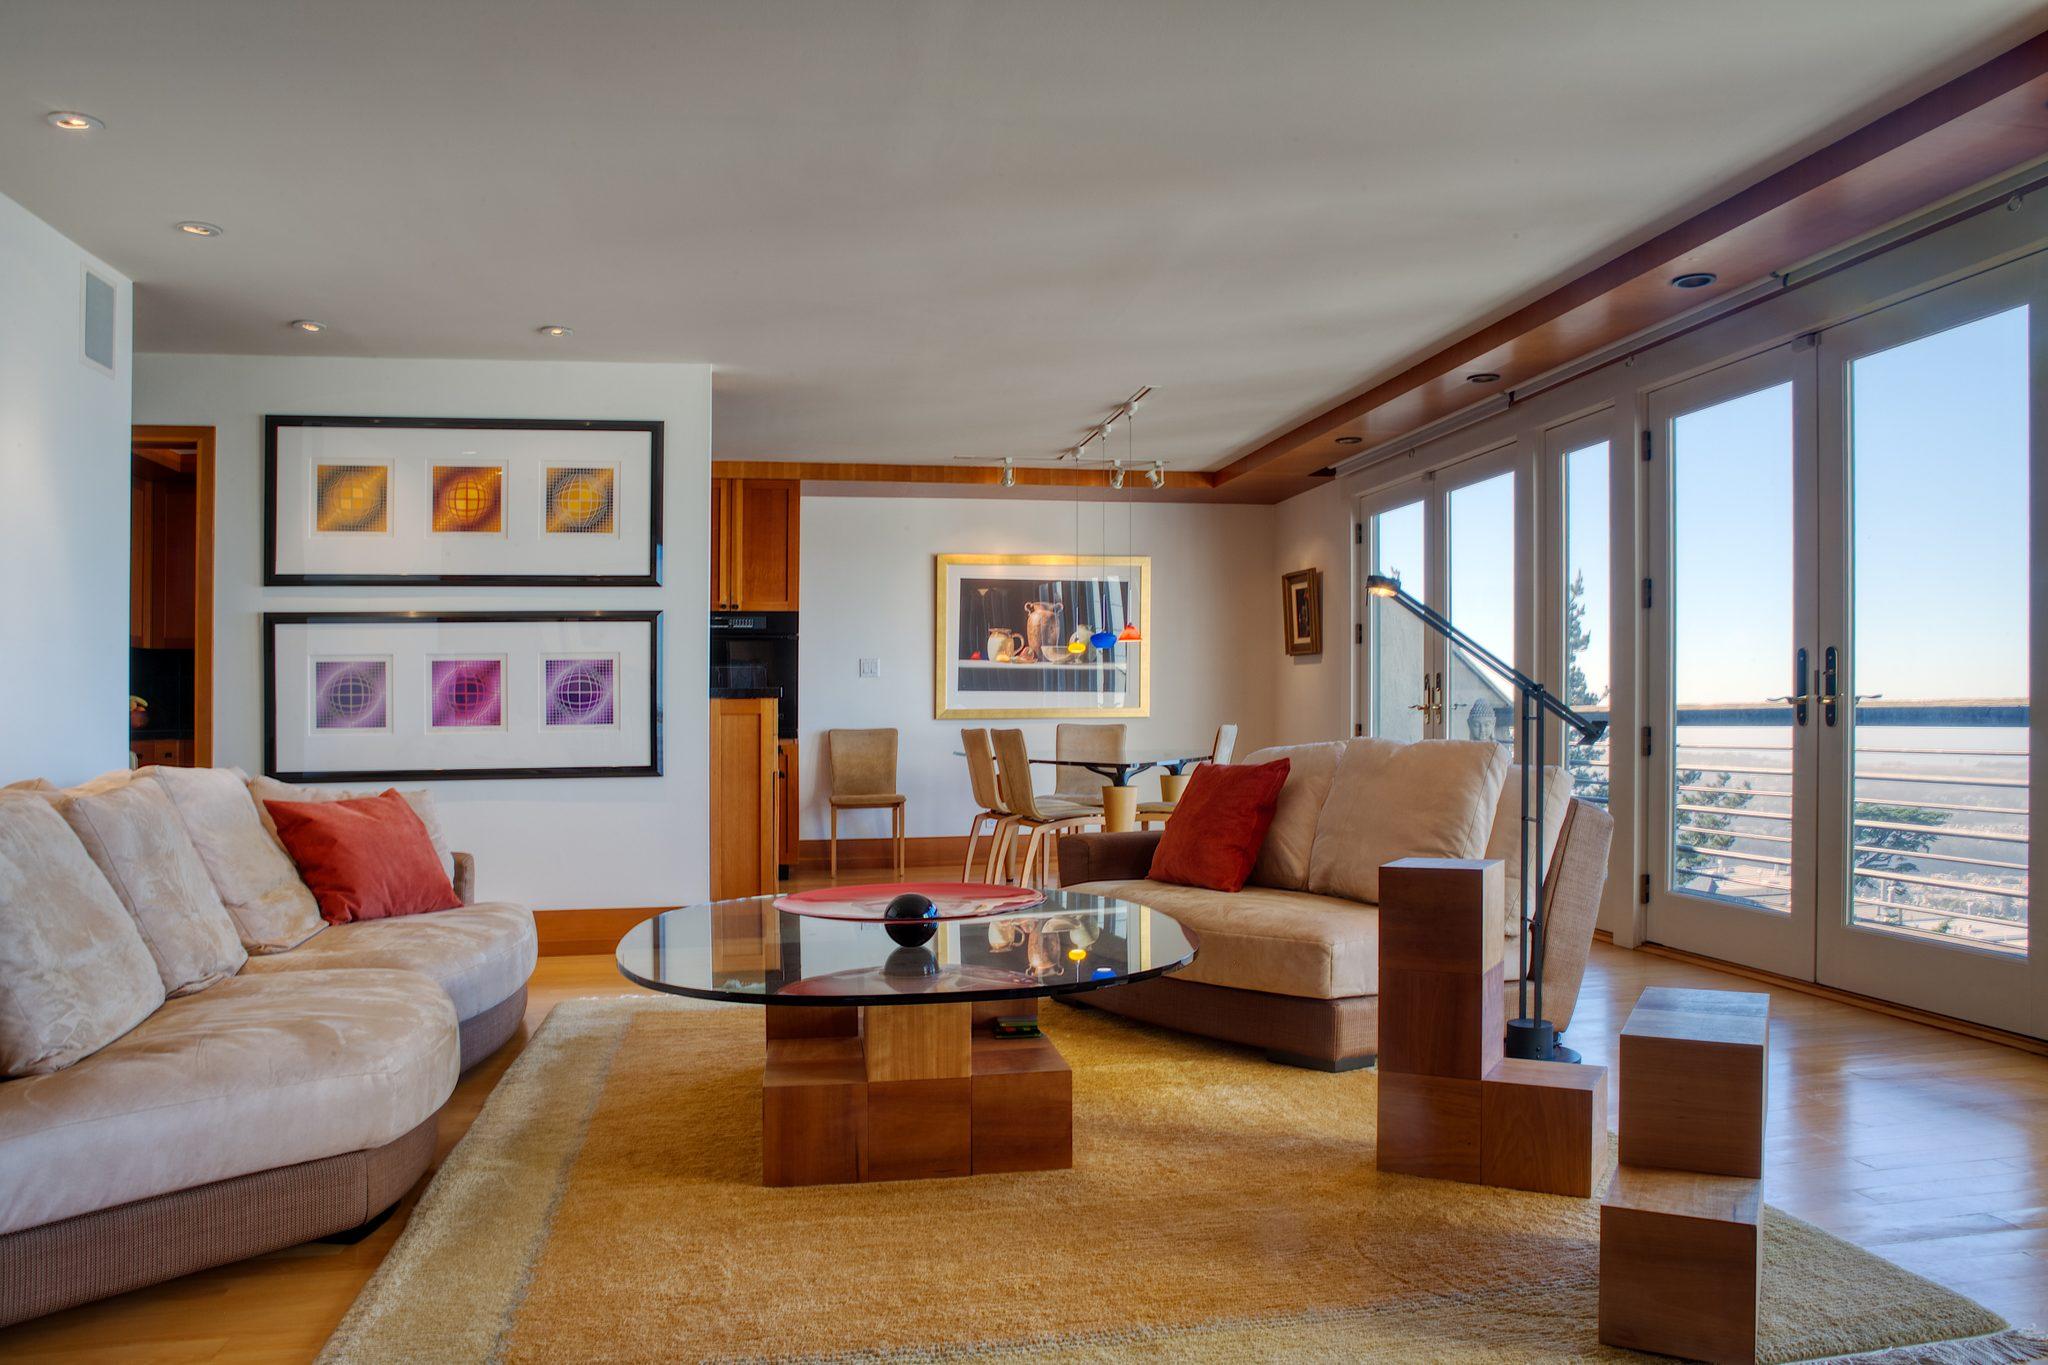 Cùng chiêm ngưỡng vẻ đẹp khó cưỡng của những căn phòng khách mang phong cách đương đại - Ảnh 11.